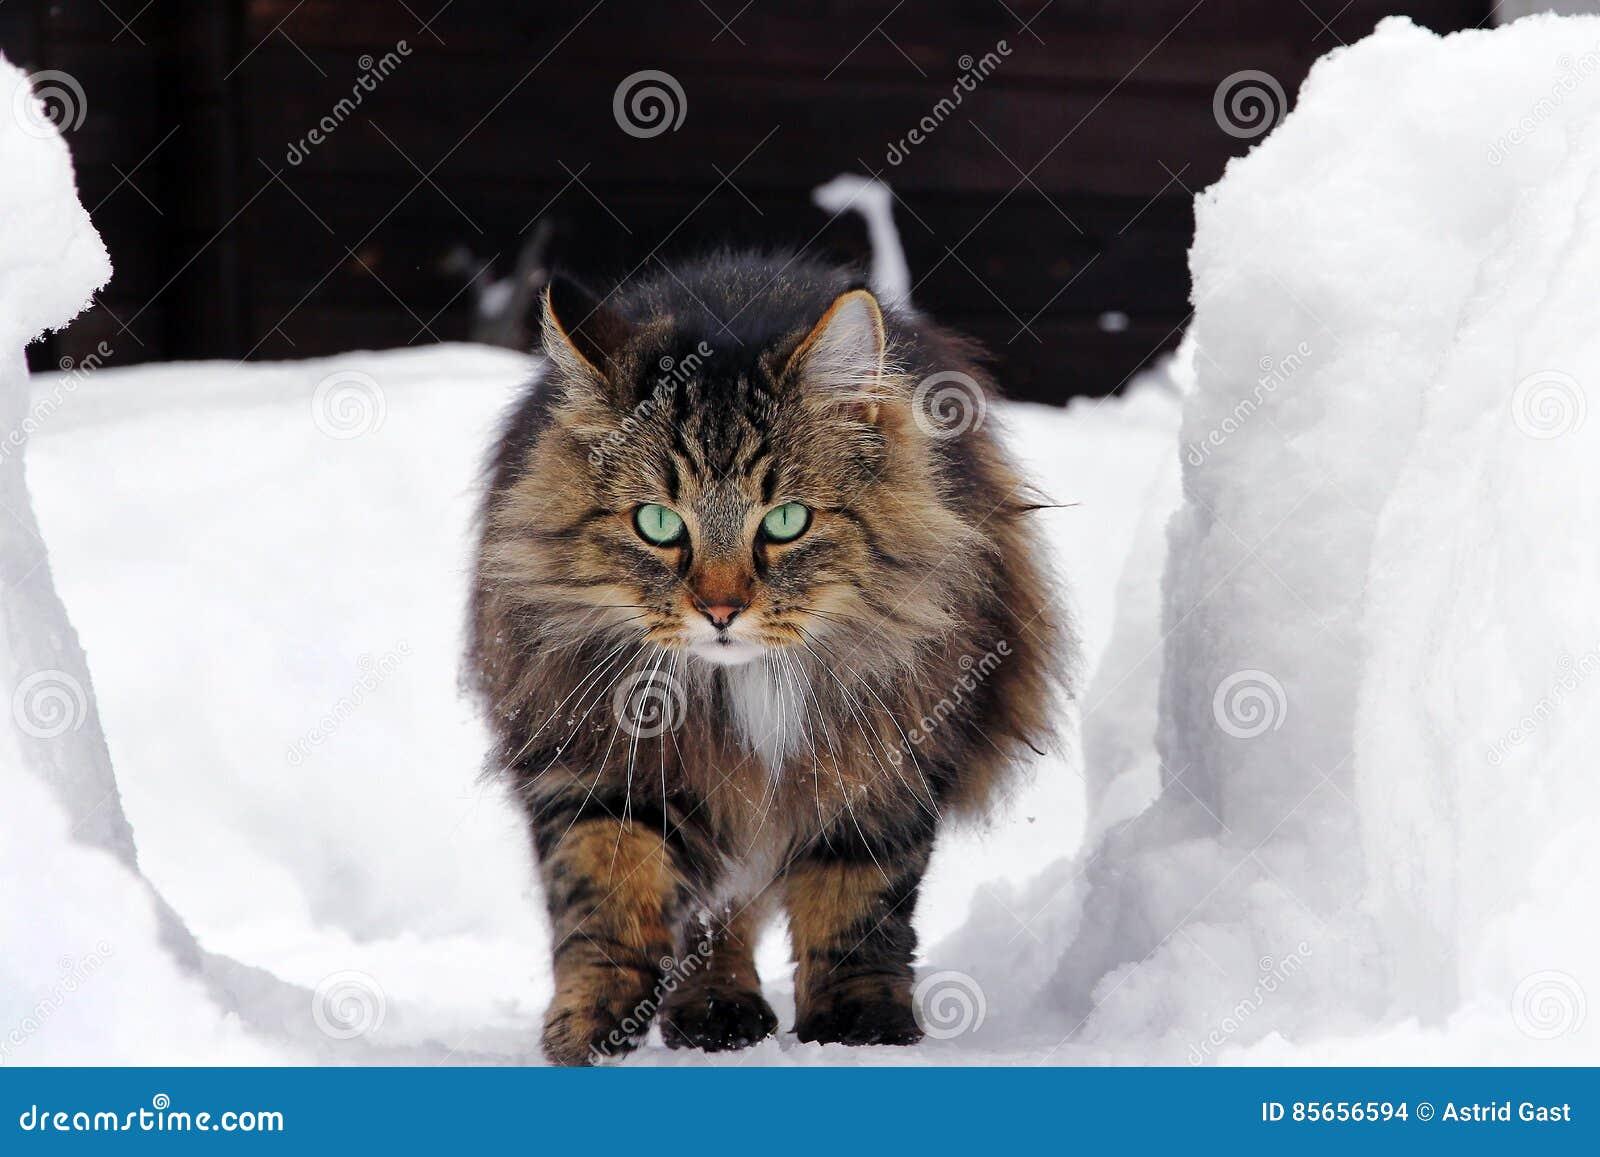 Il Gatto Norvegese Della Foresta Passa Lalta Neve Fotografia Stock